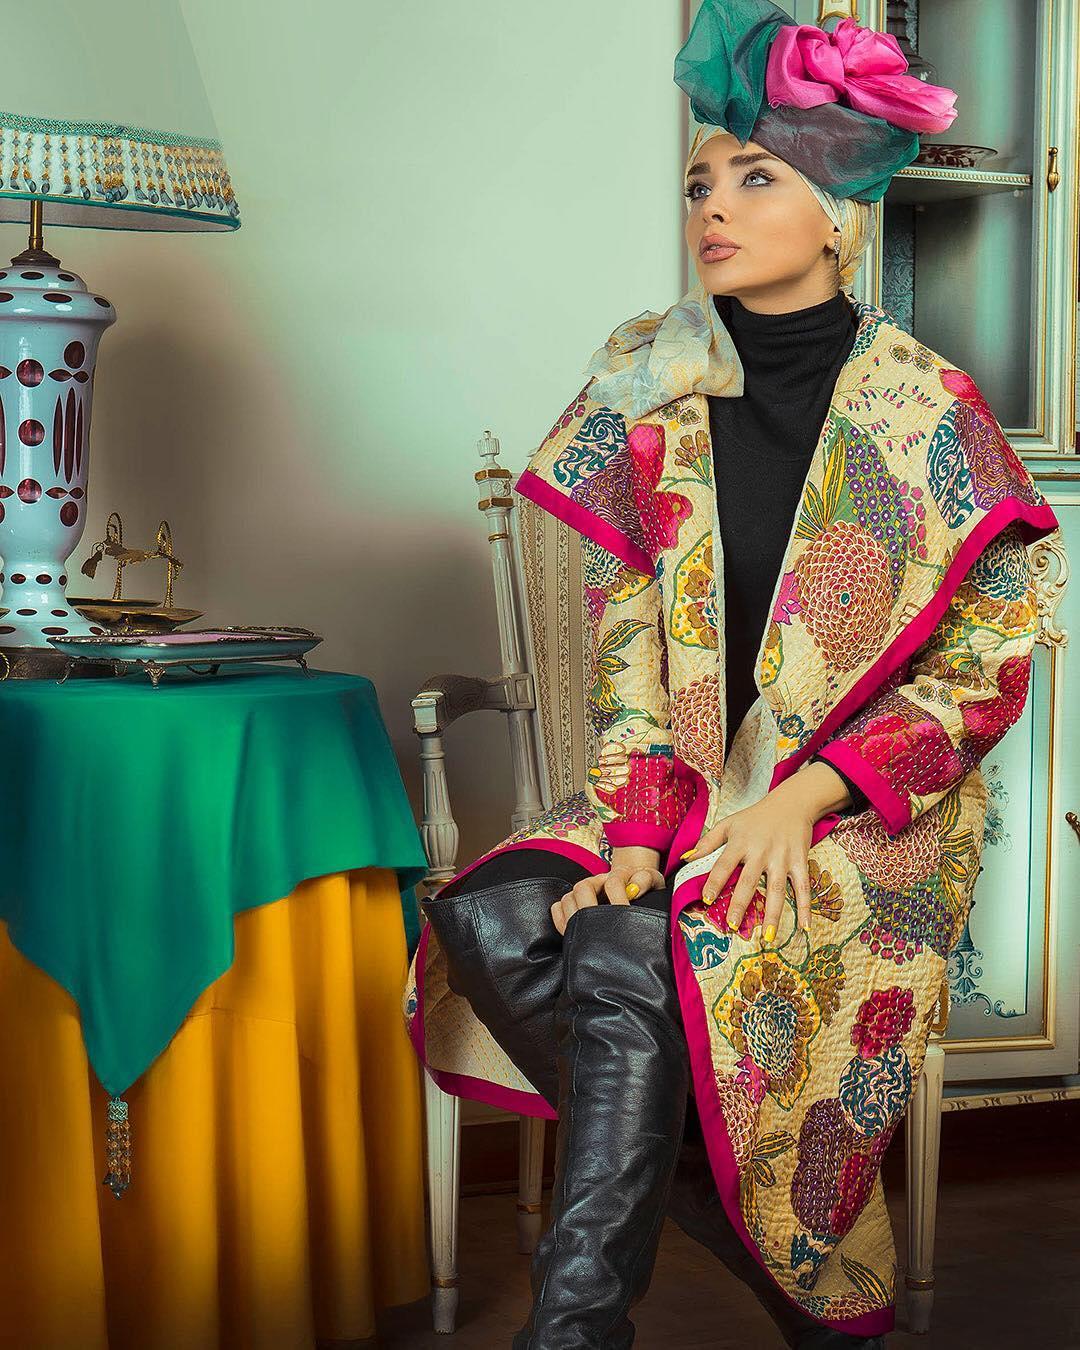 لباس مهلا زمانی  الگو از لباس های سنتی